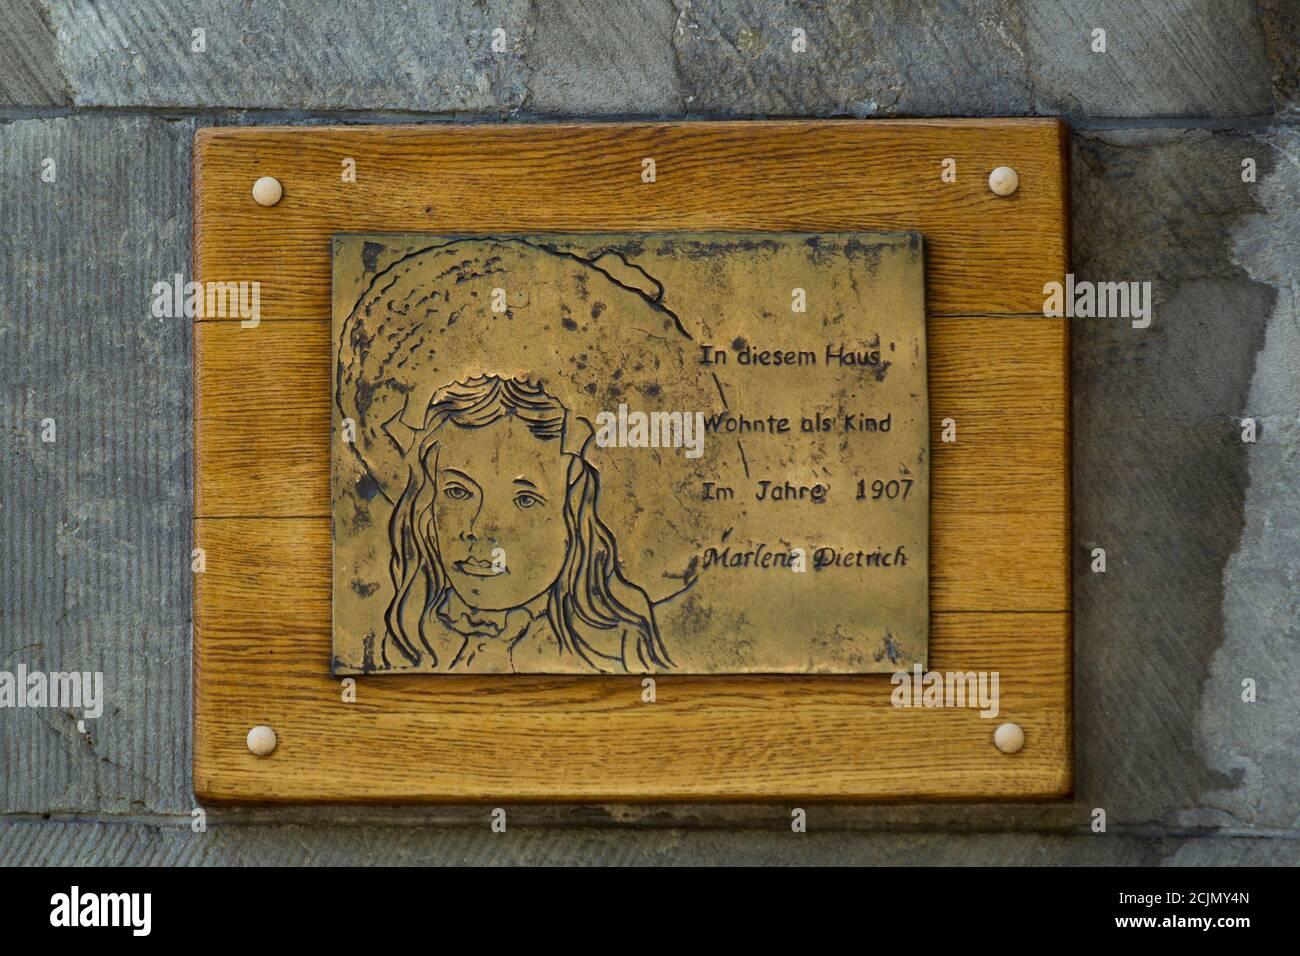 Eine Tafel zeigt ein Bild von dem jungen Marlene Dietrich